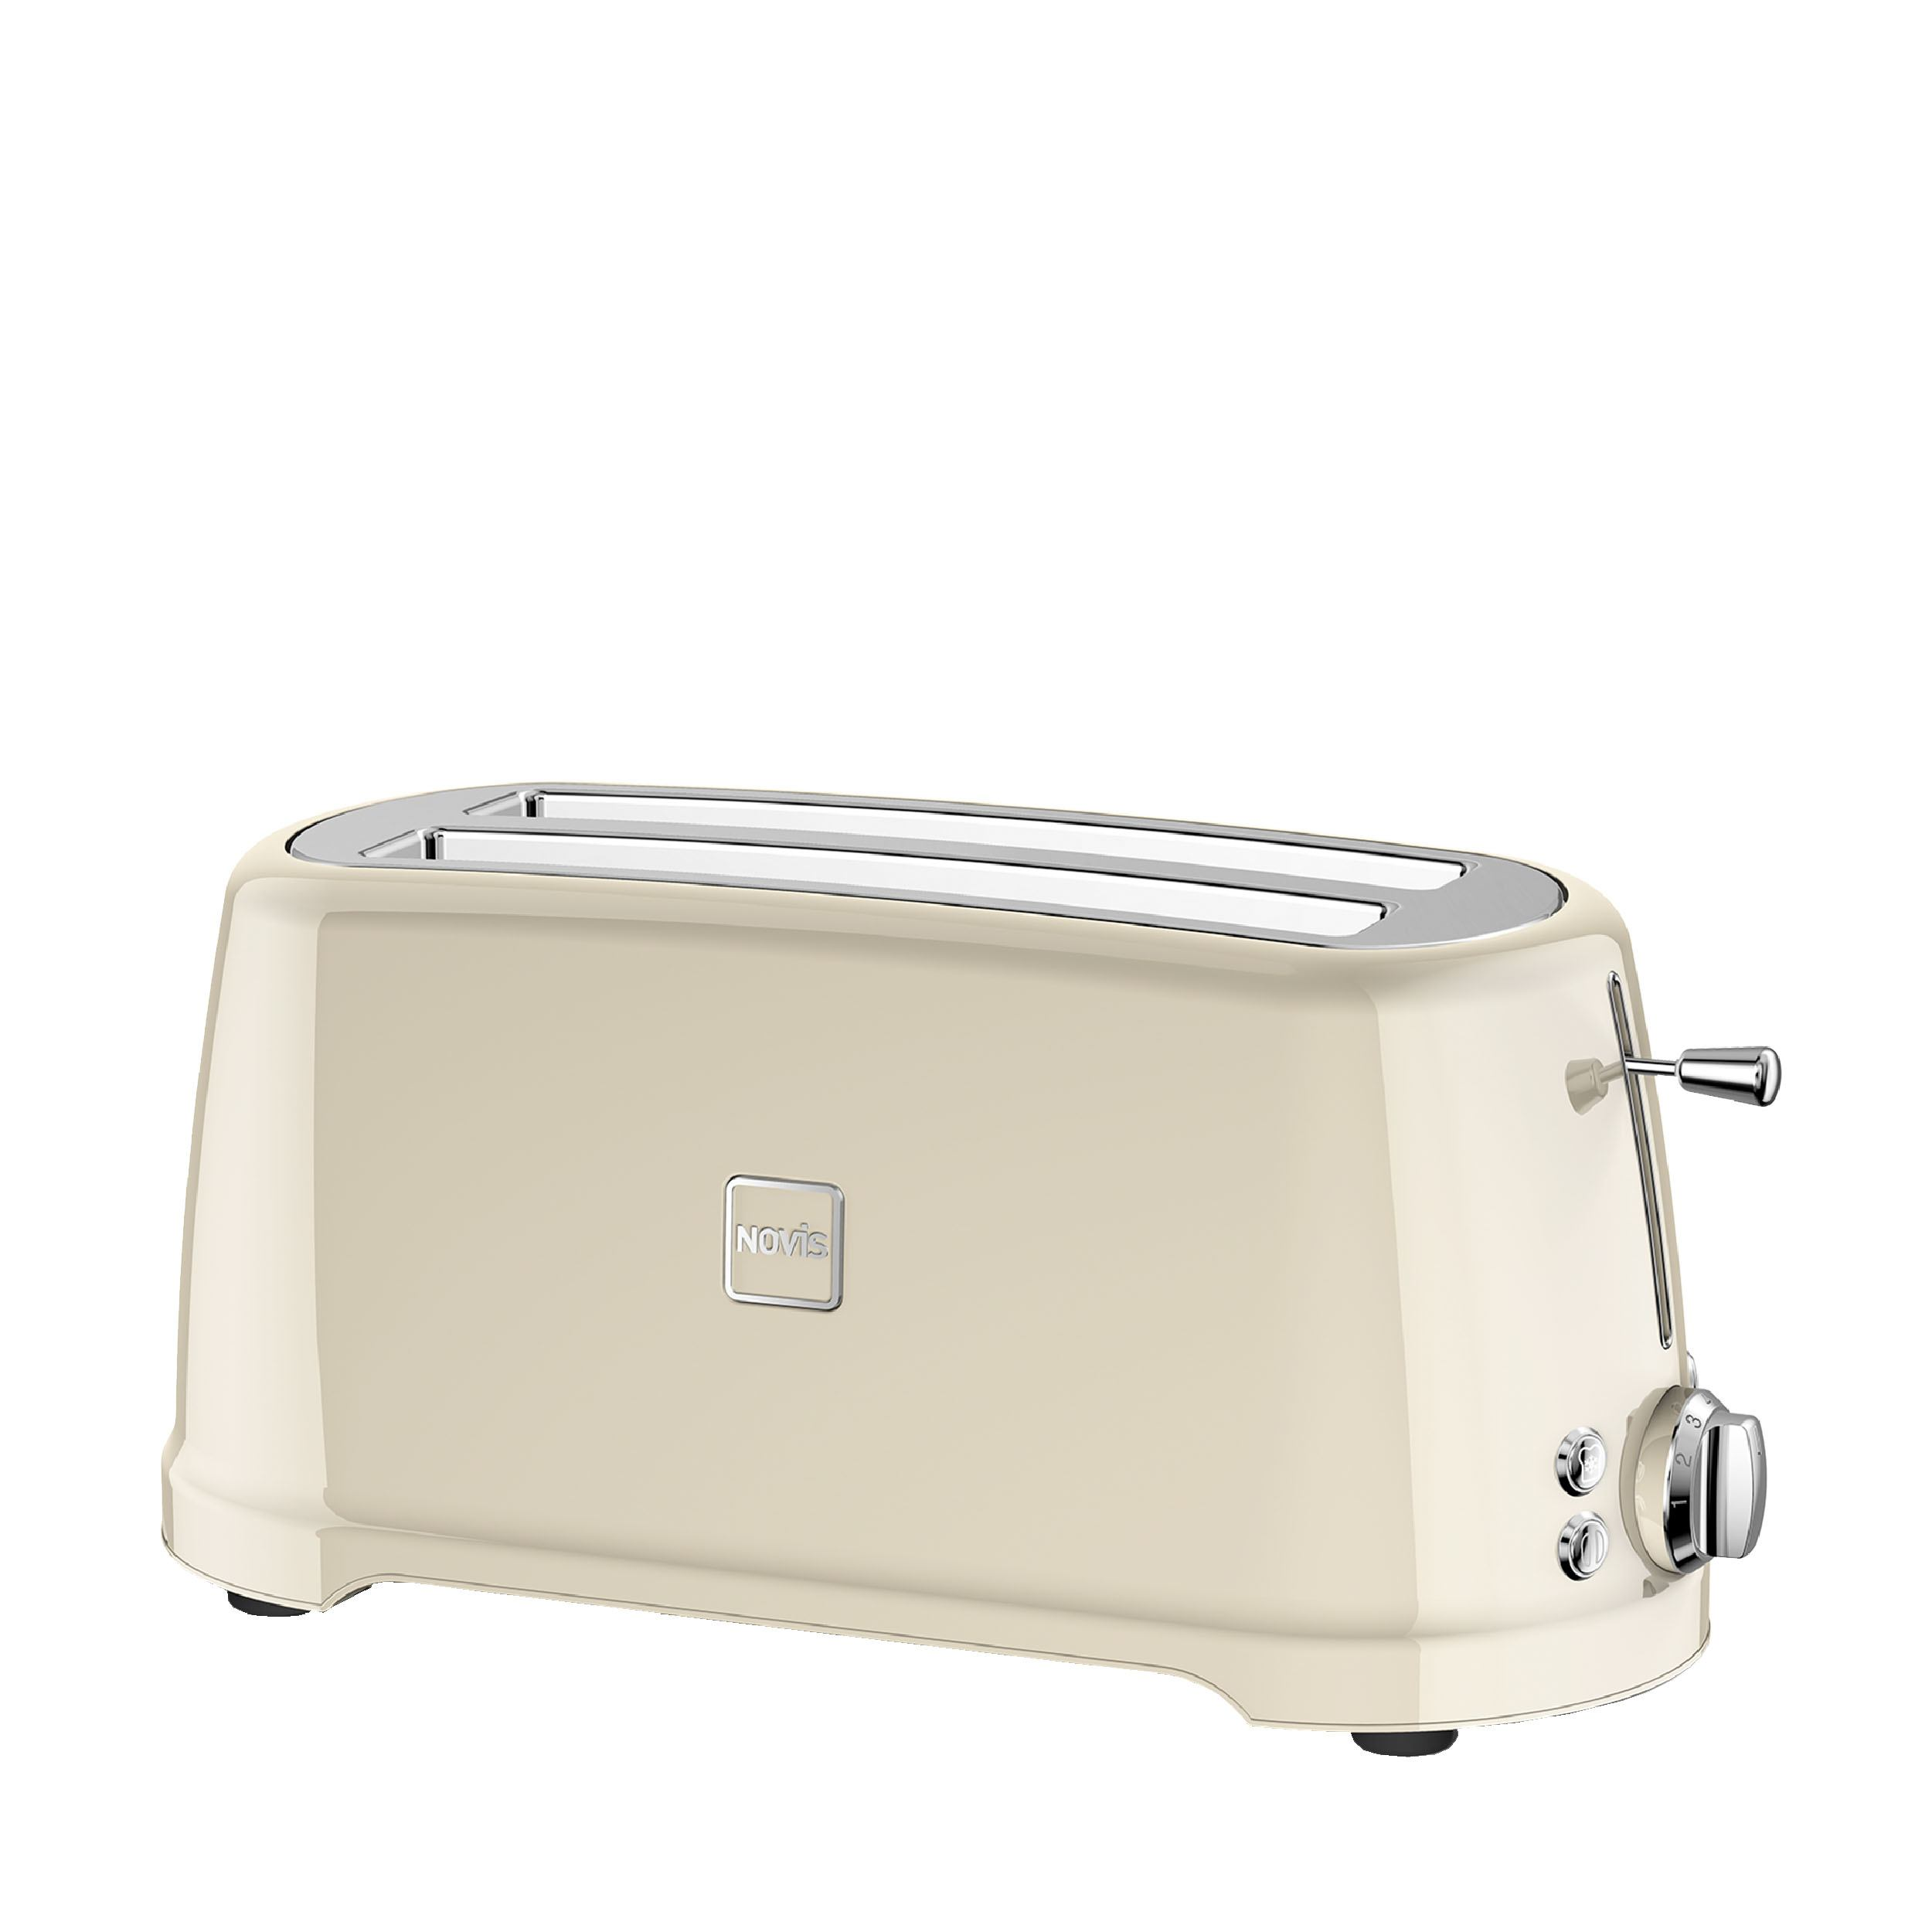 Novis T4 Toaster